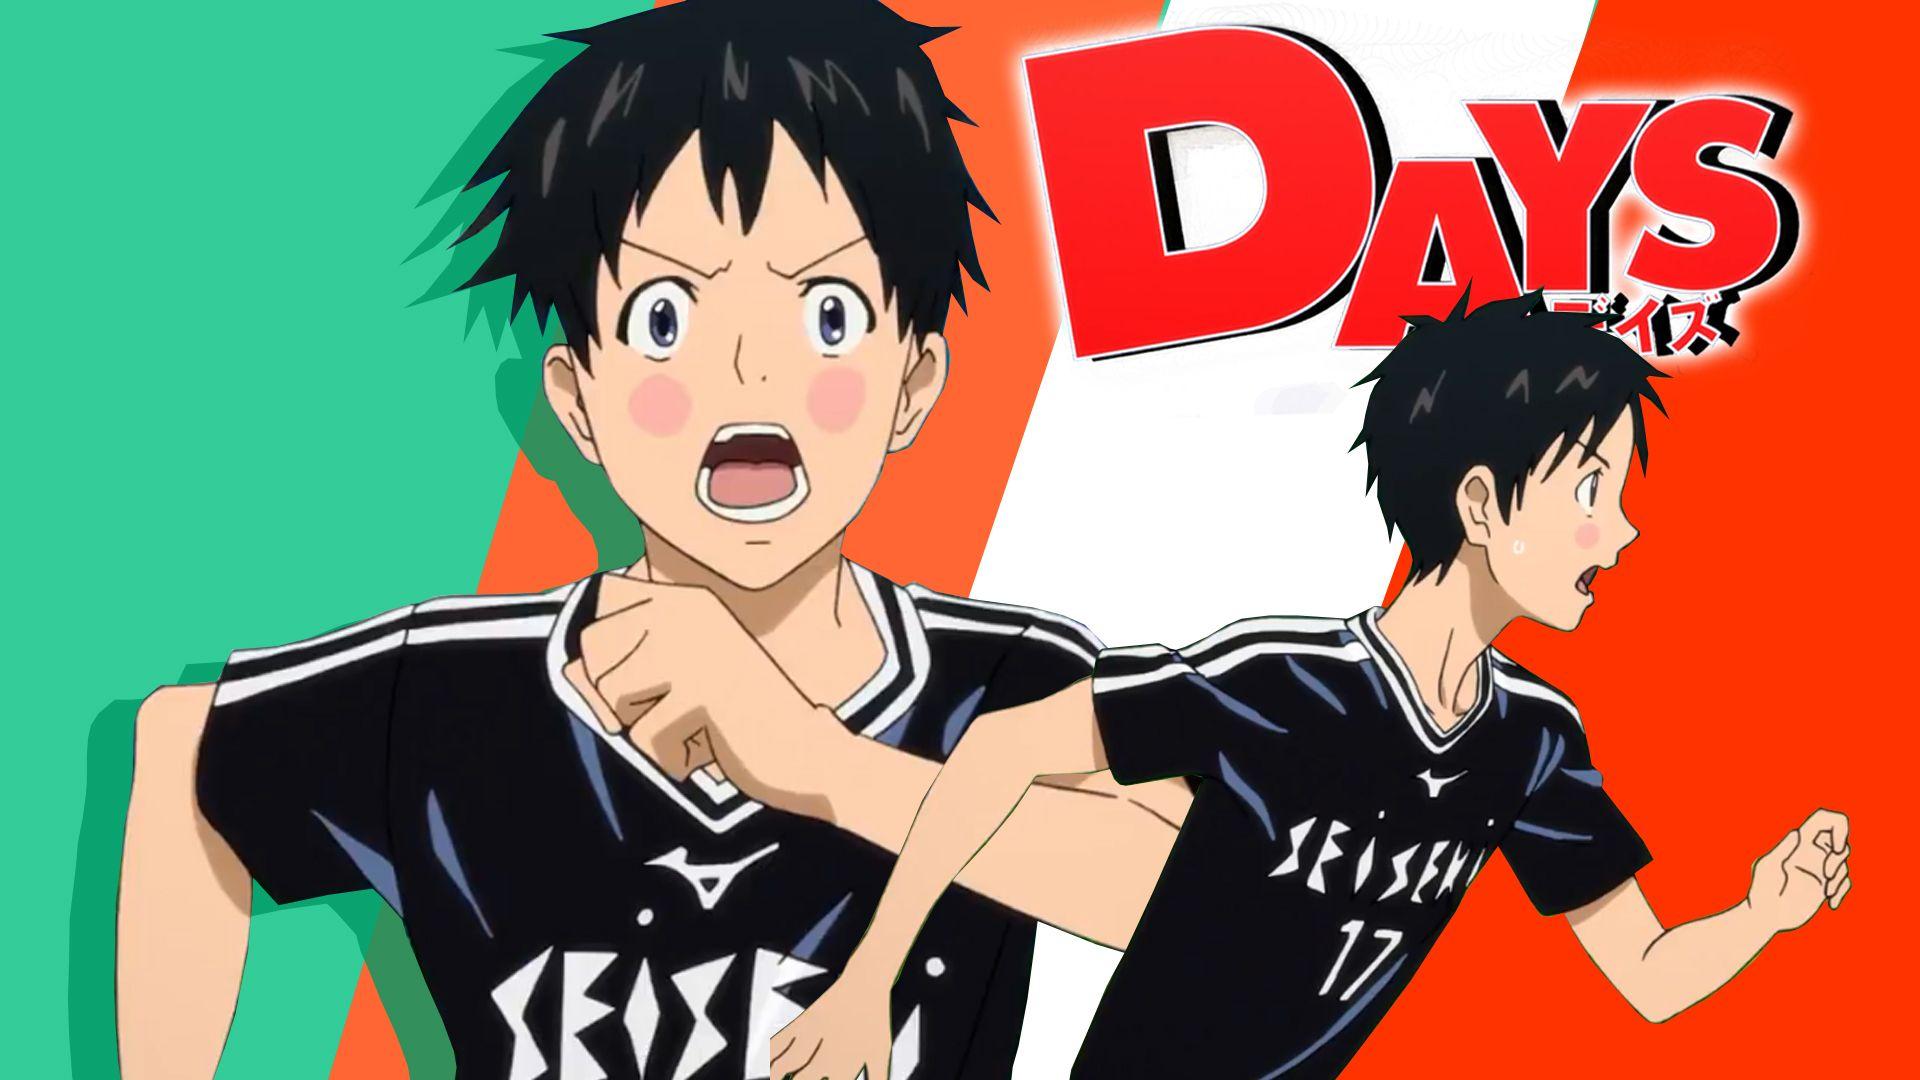 cute-boy-tsukamoto-tsukushi-anime-days-2016-wallpaper-hd